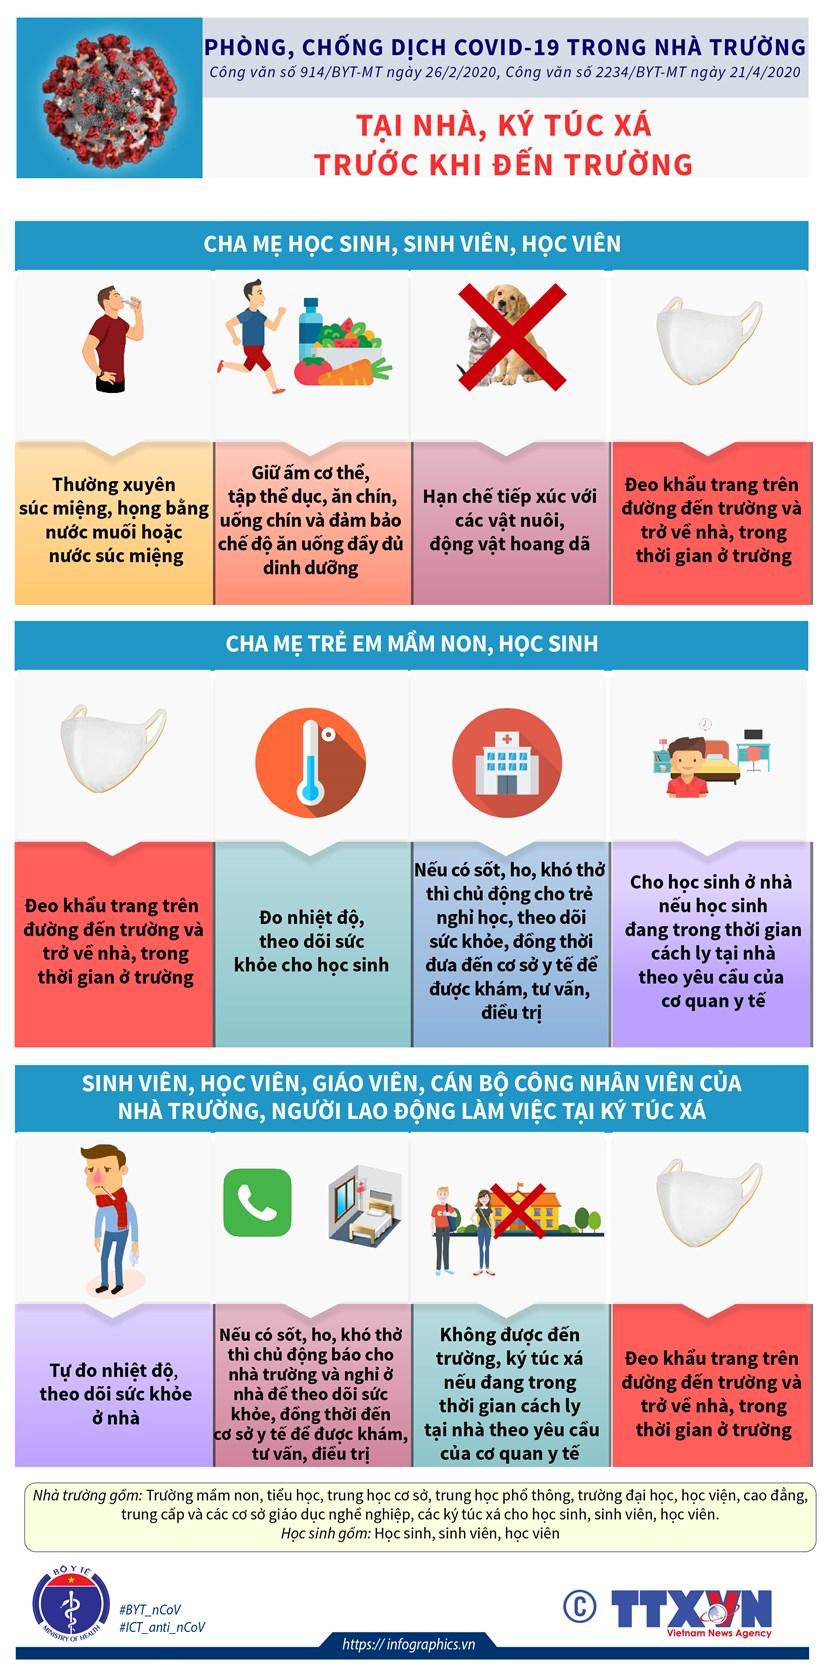 [Infographics] Phong chong COVID-19 truoc khi hoc sinh den truong hinh anh 1